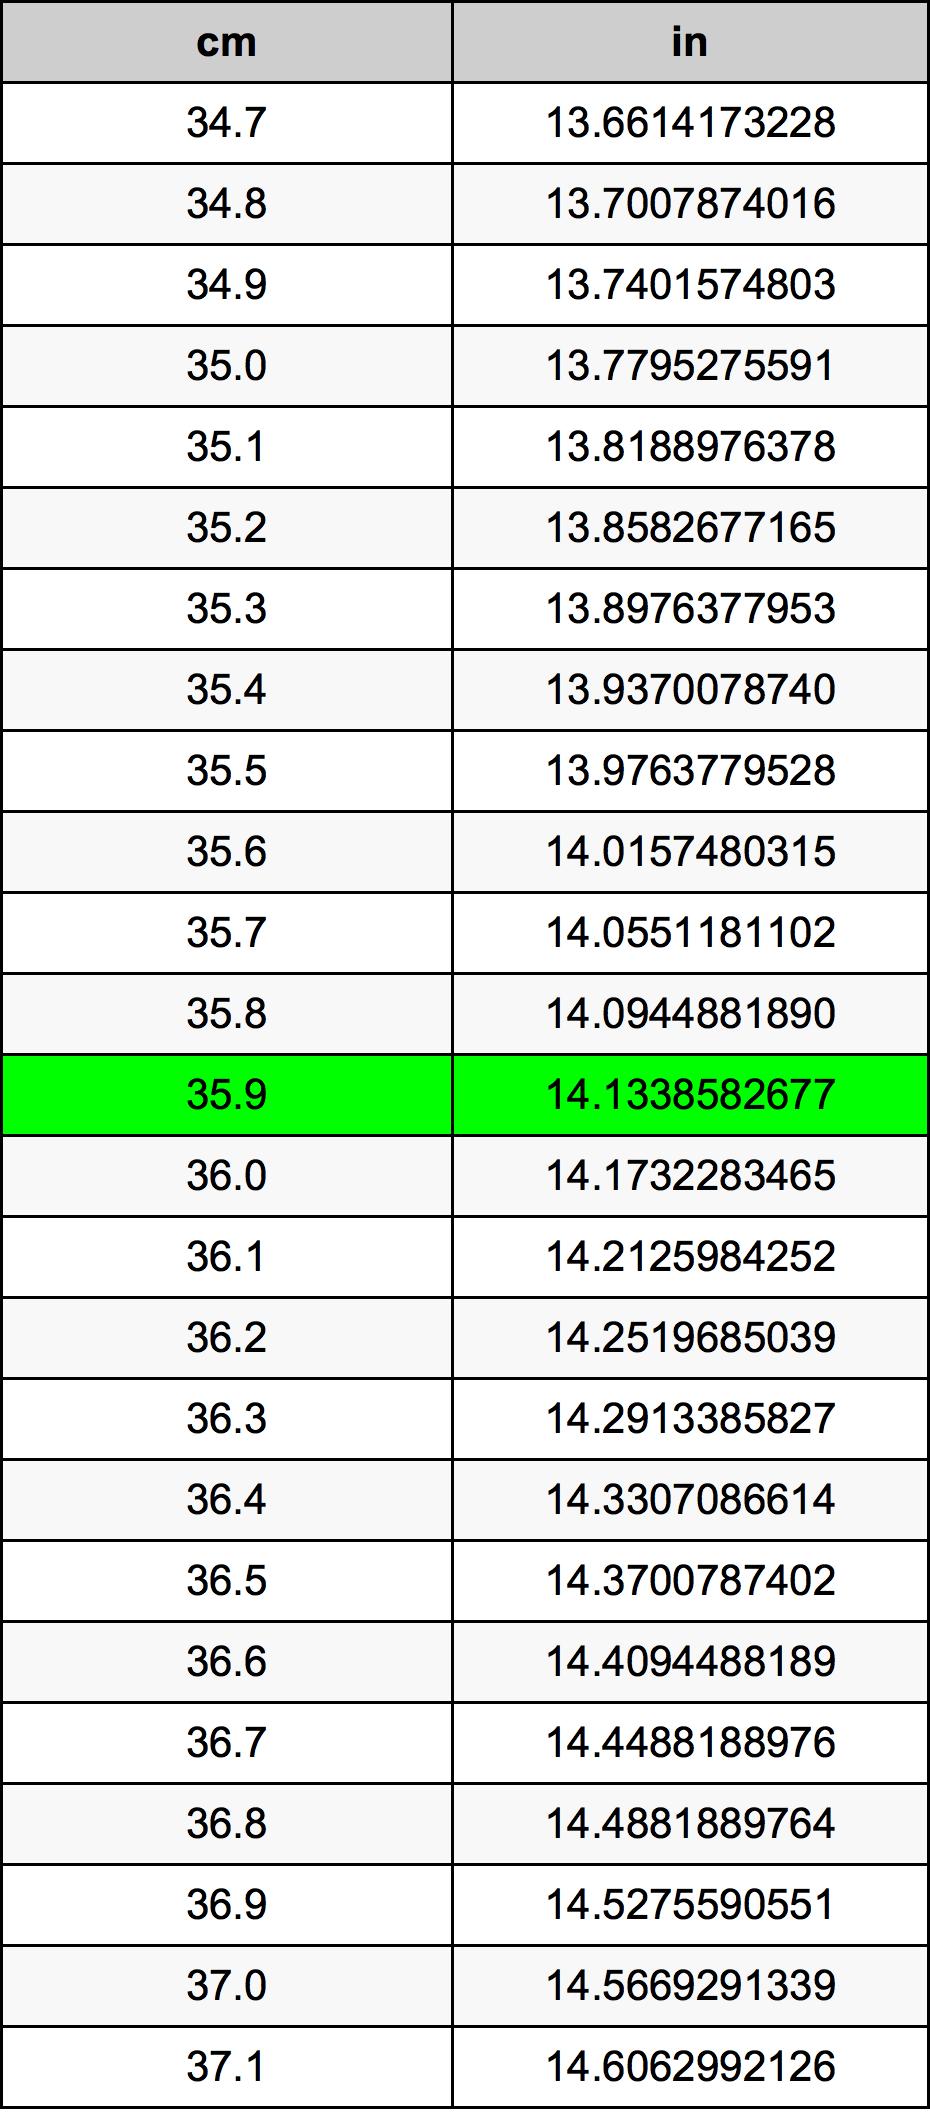 35.9 Xentimét bảng chuyển đổi